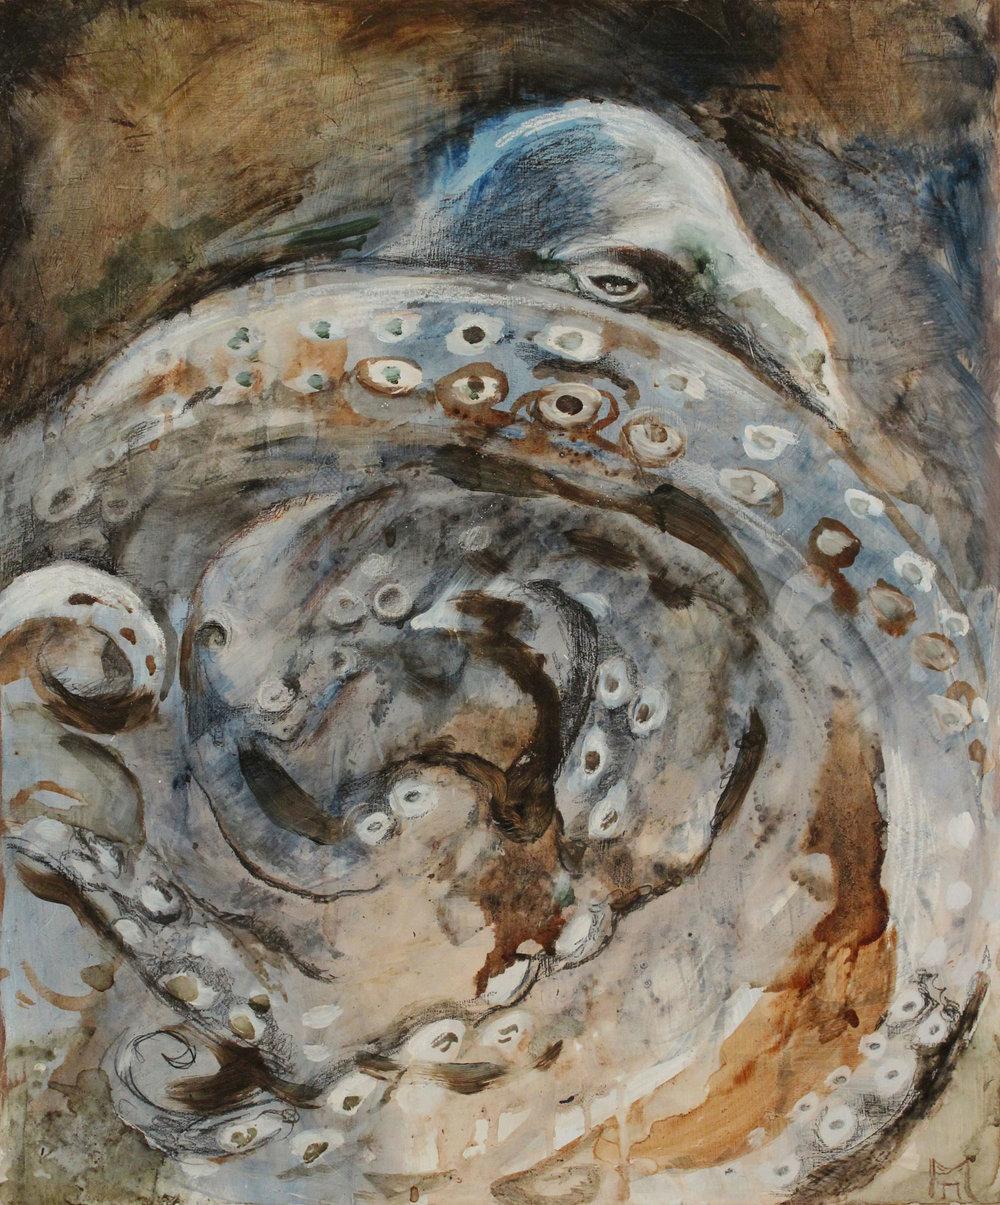 Order of Octopoda